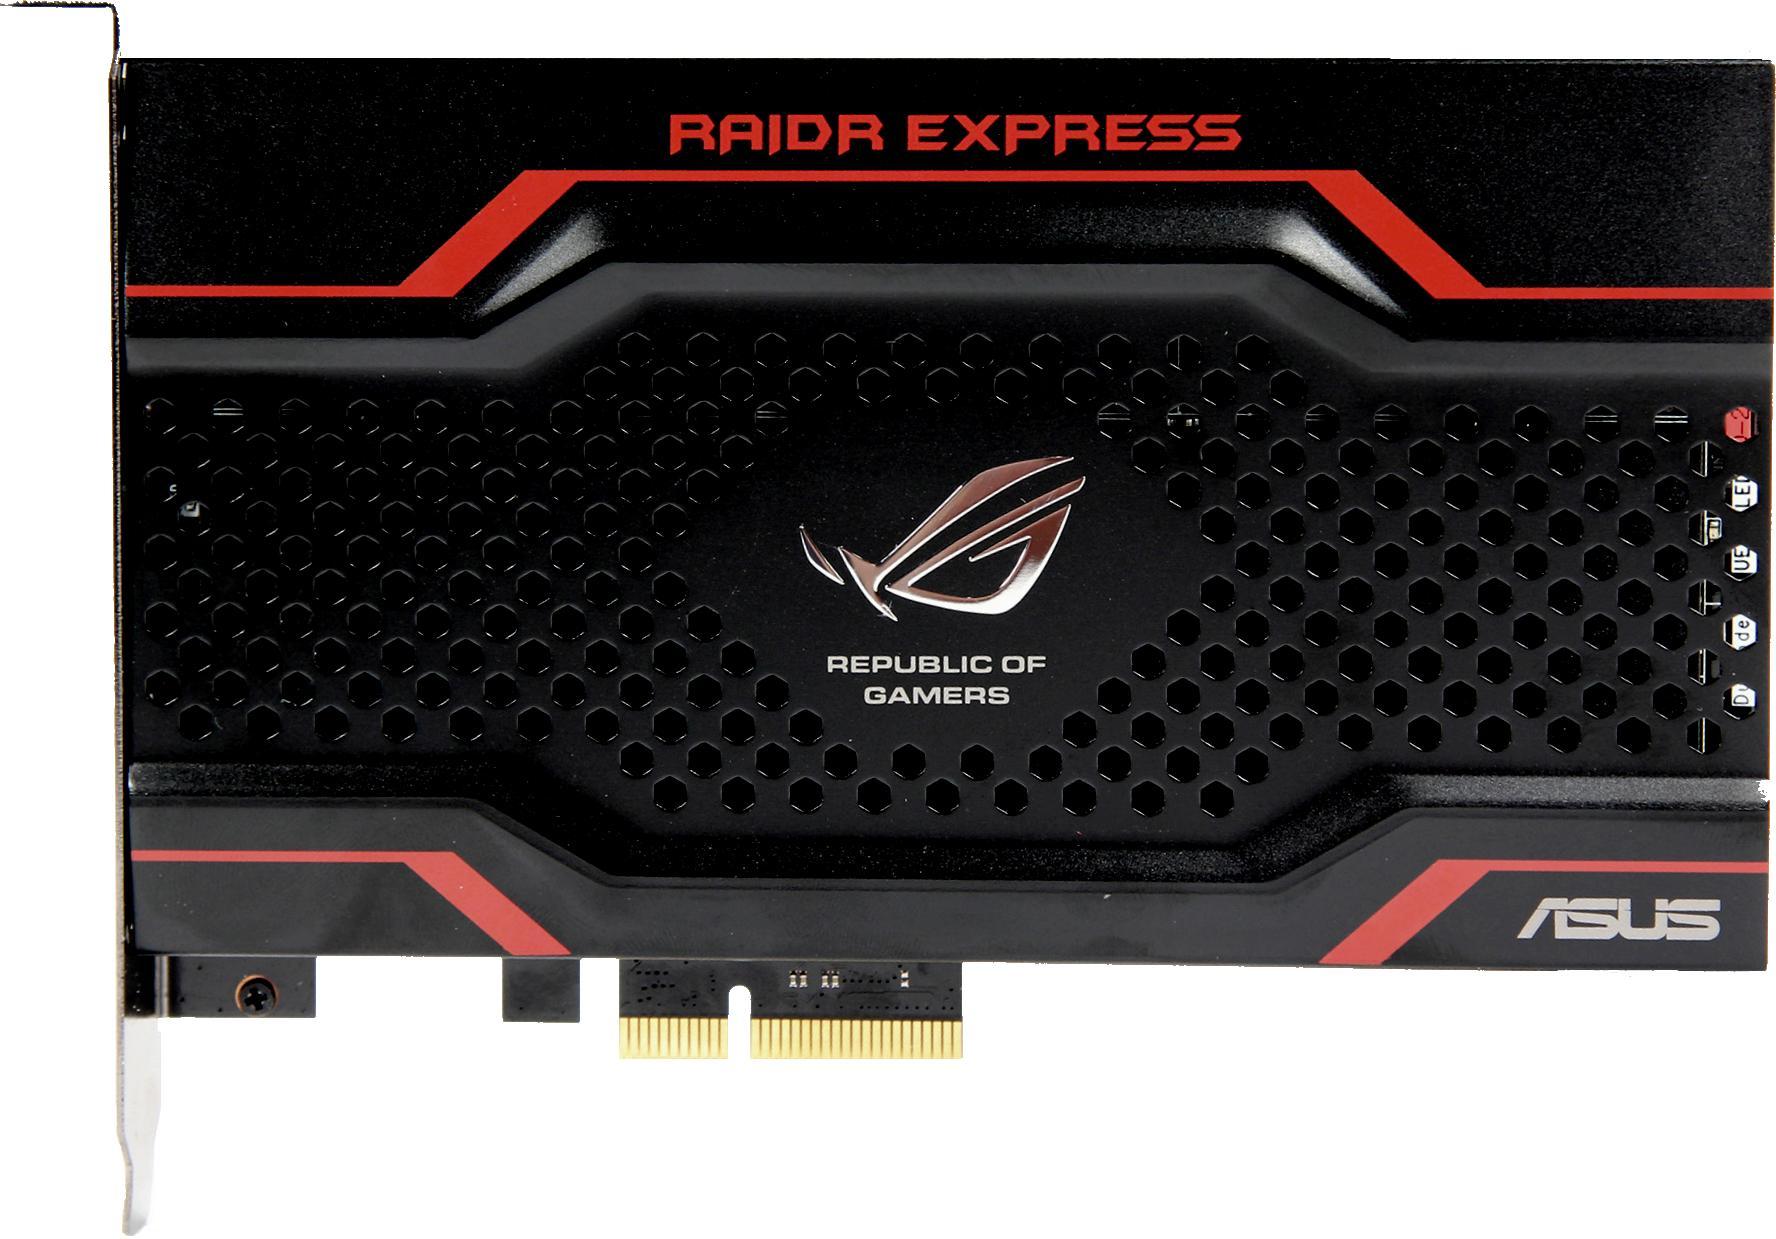 Asus ROG RAIDR Express PCIe SSD 240GB